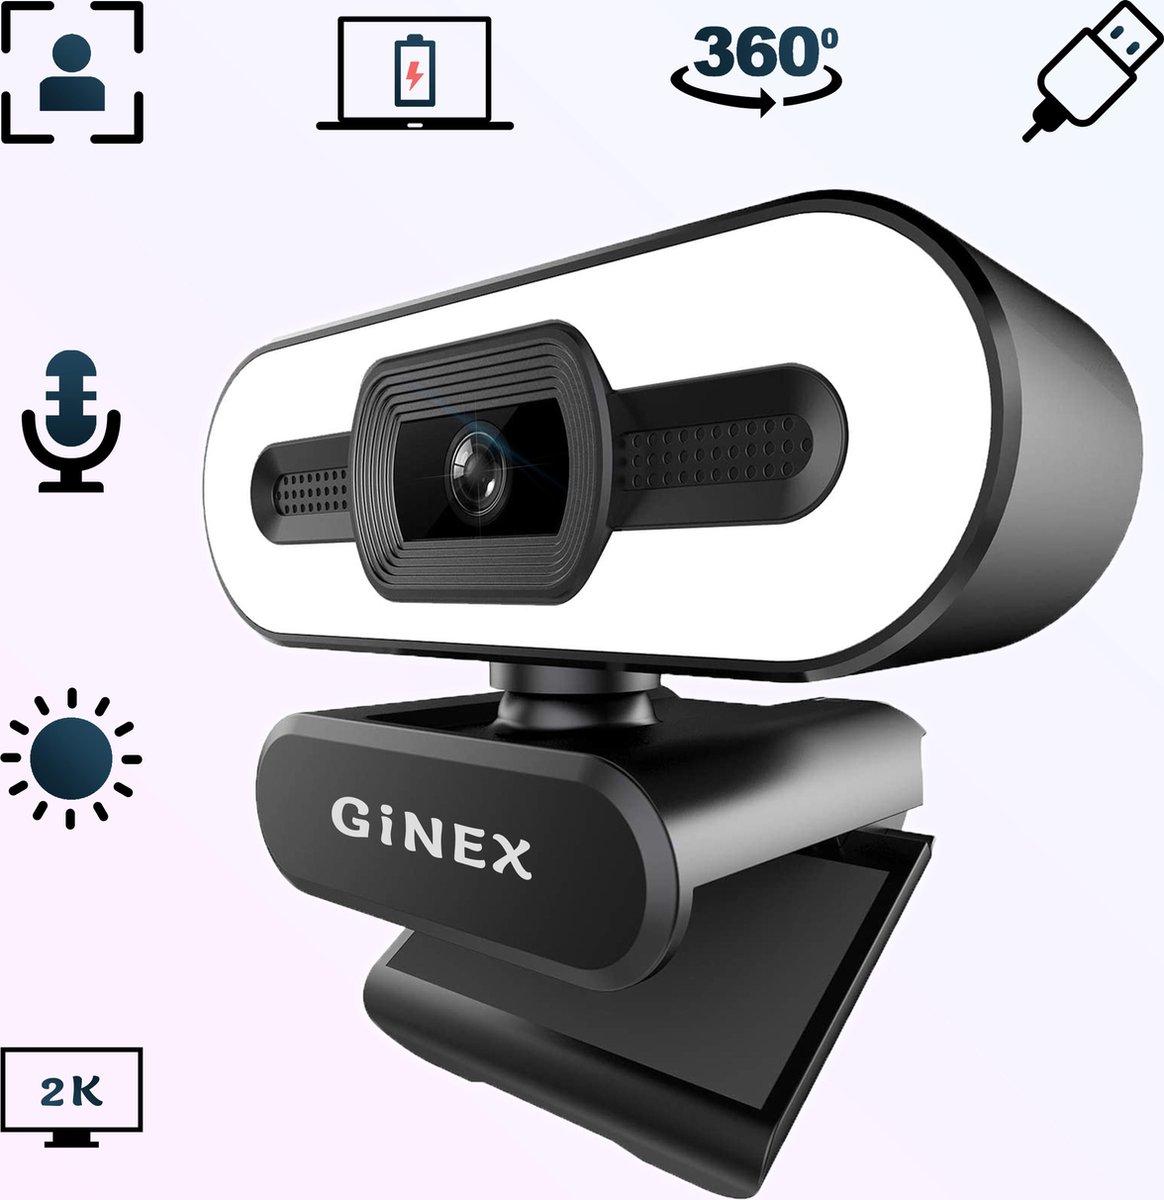 Ginex 2K webcam 2021 Model QHD - webcam met randlamp - ring light - webcam met microfoon - webcam voor laptop - webcams